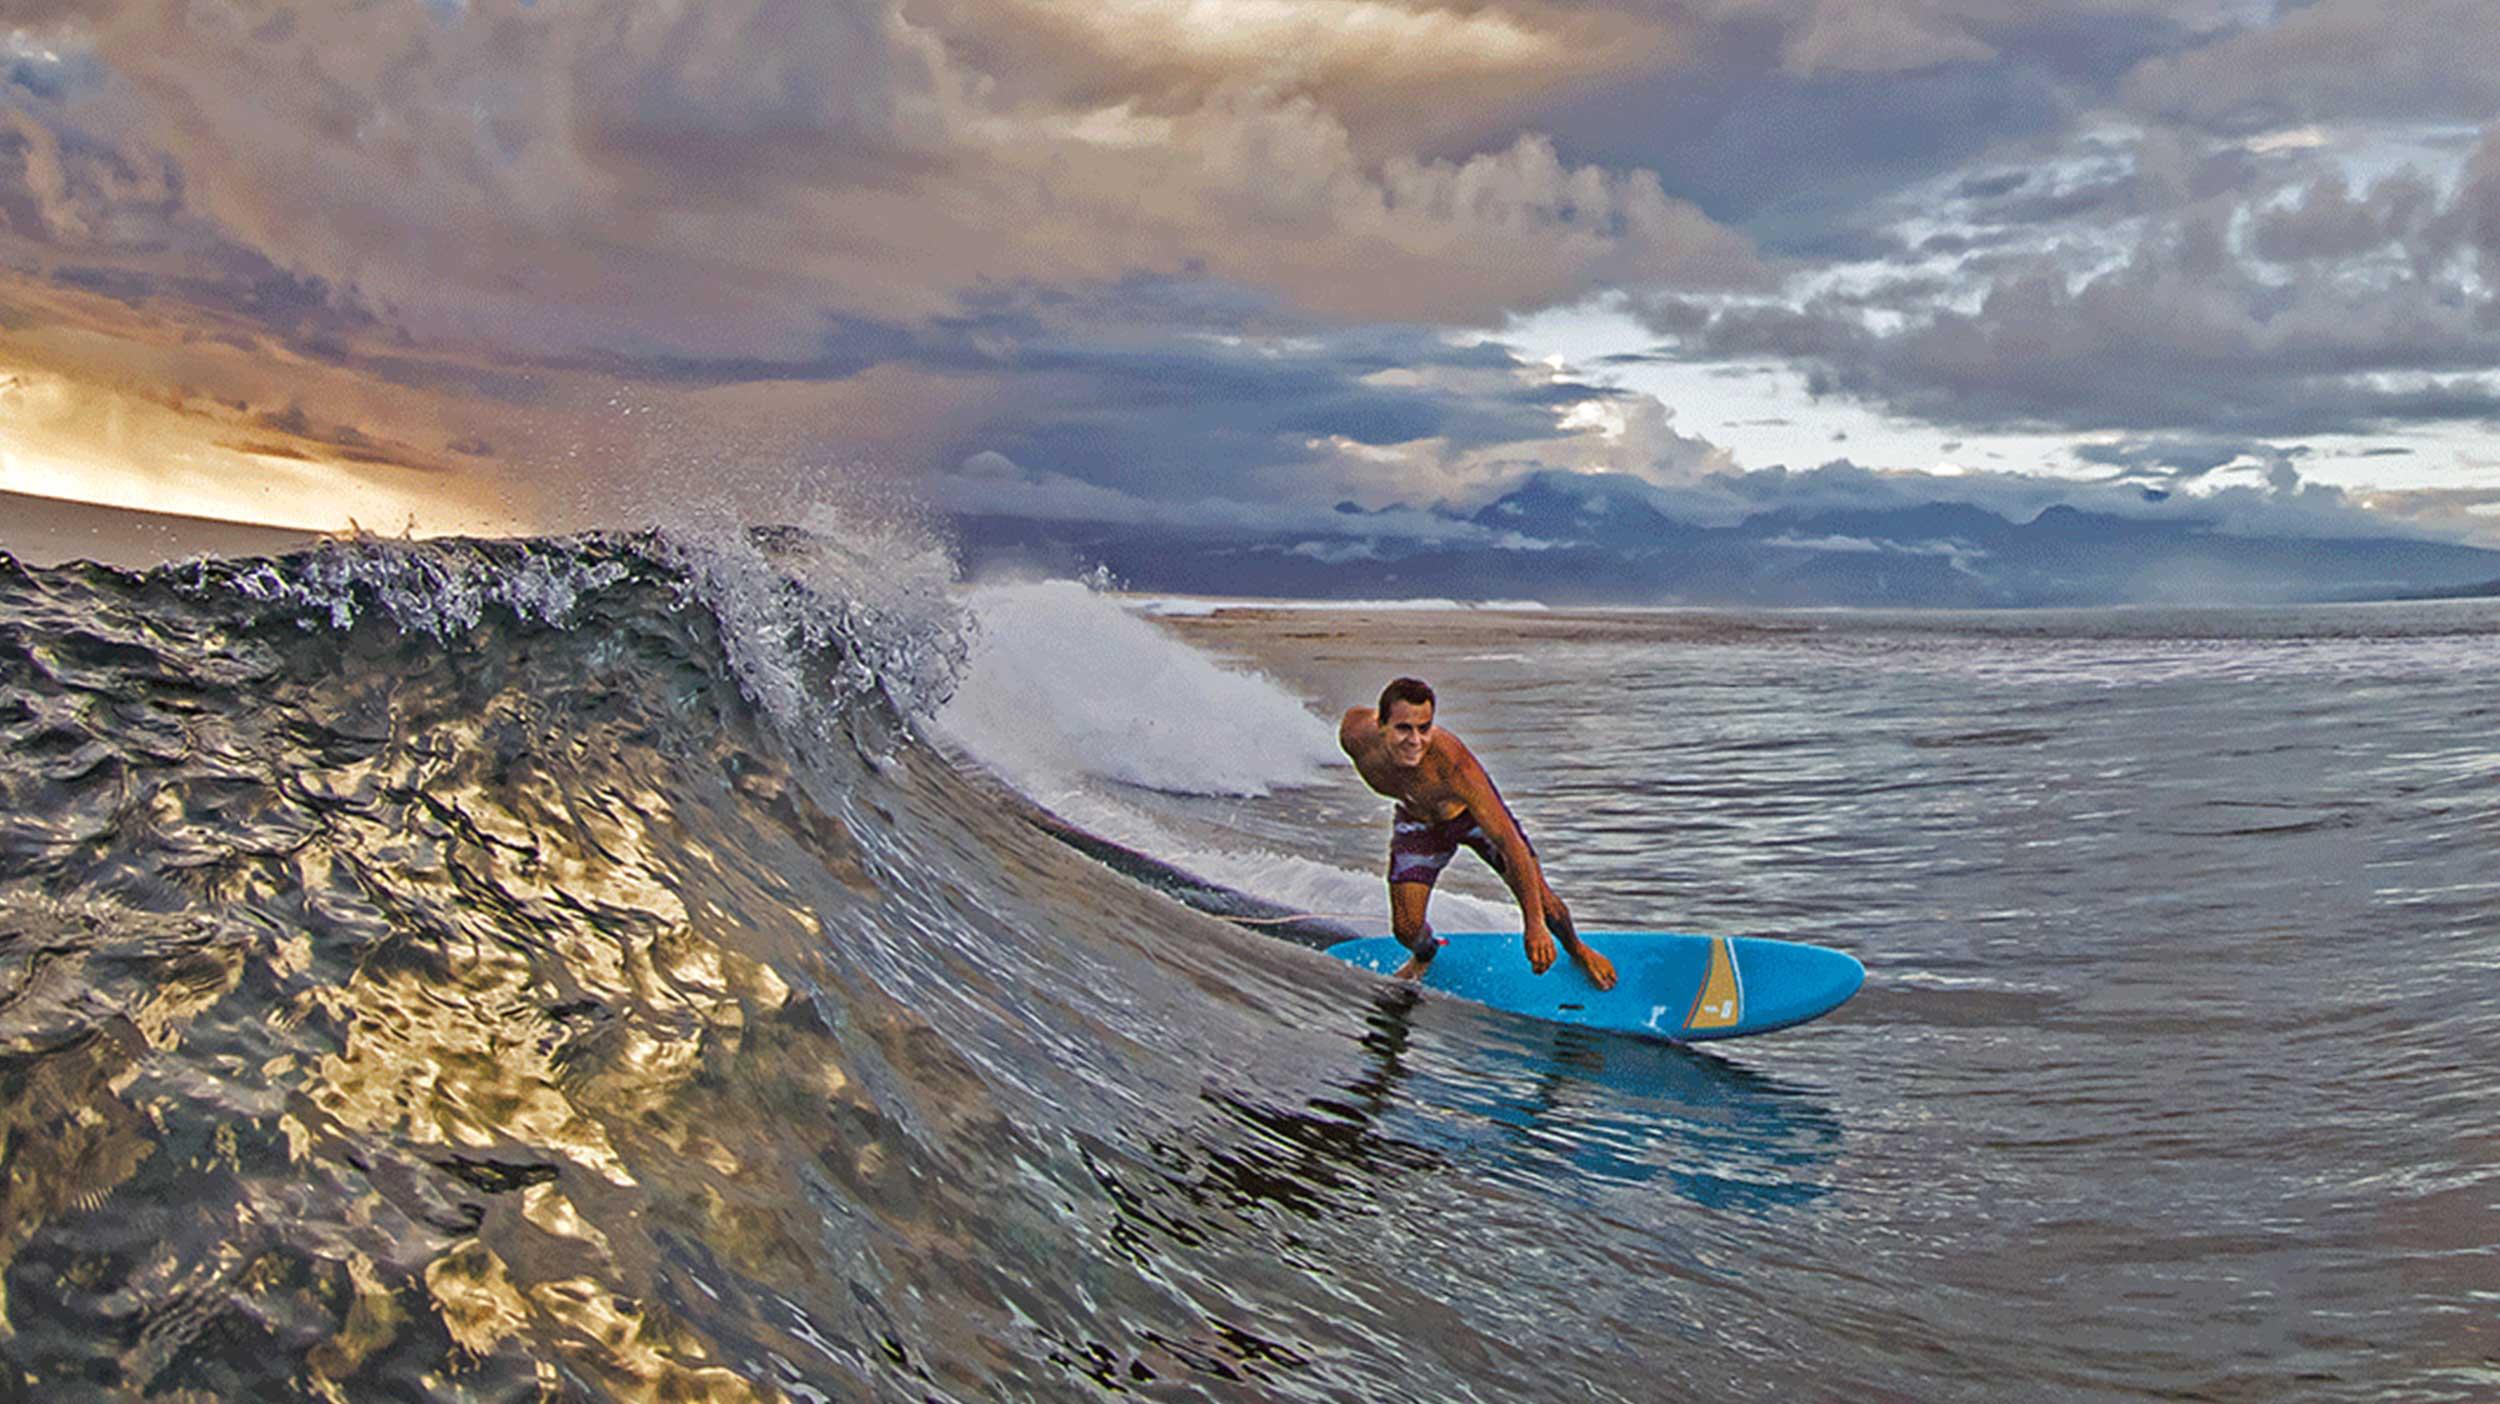 Surfs soft top